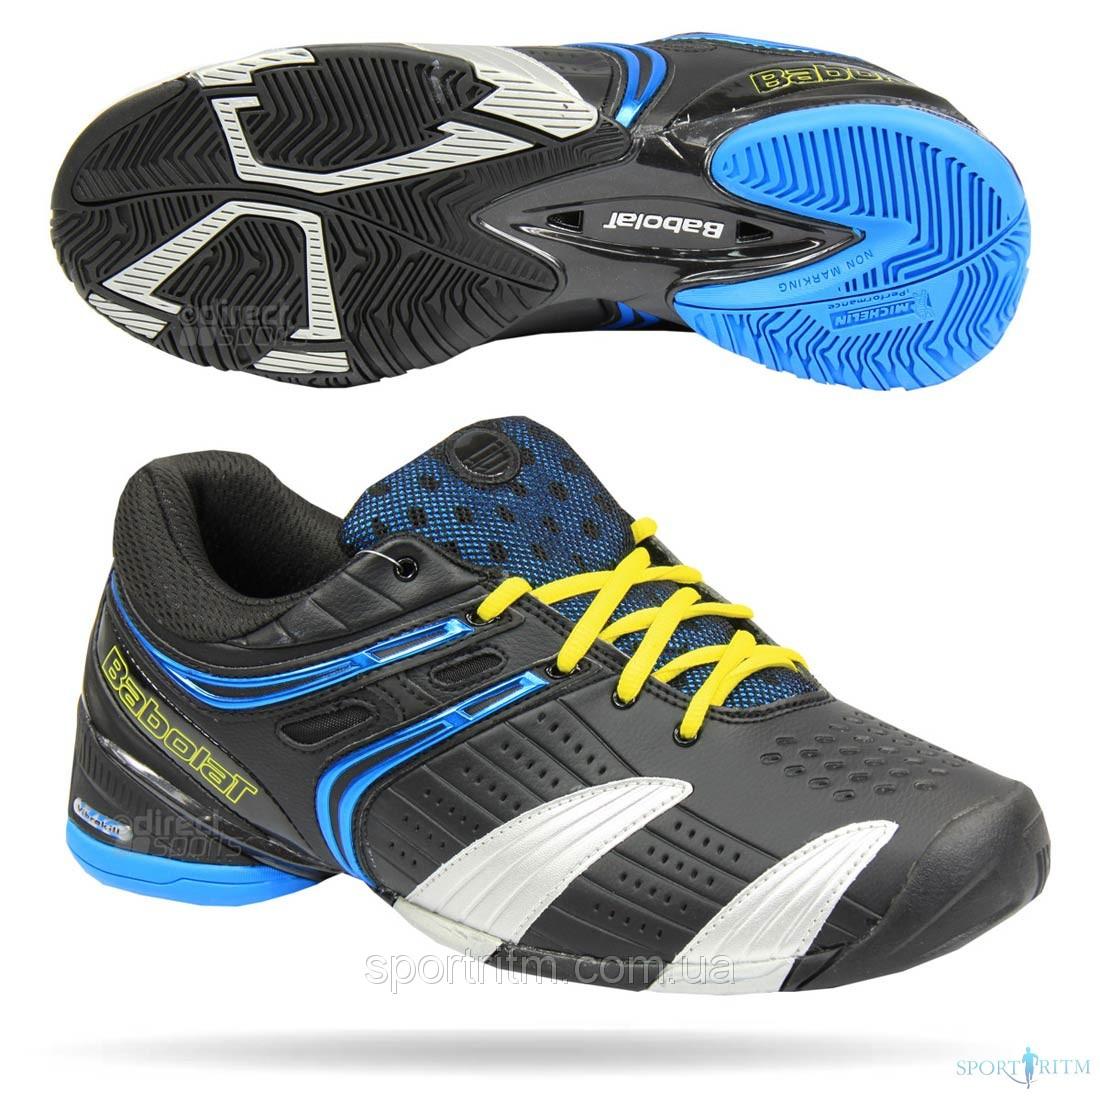 Теннисные кроссовки Babolat - купить теннисную обувь